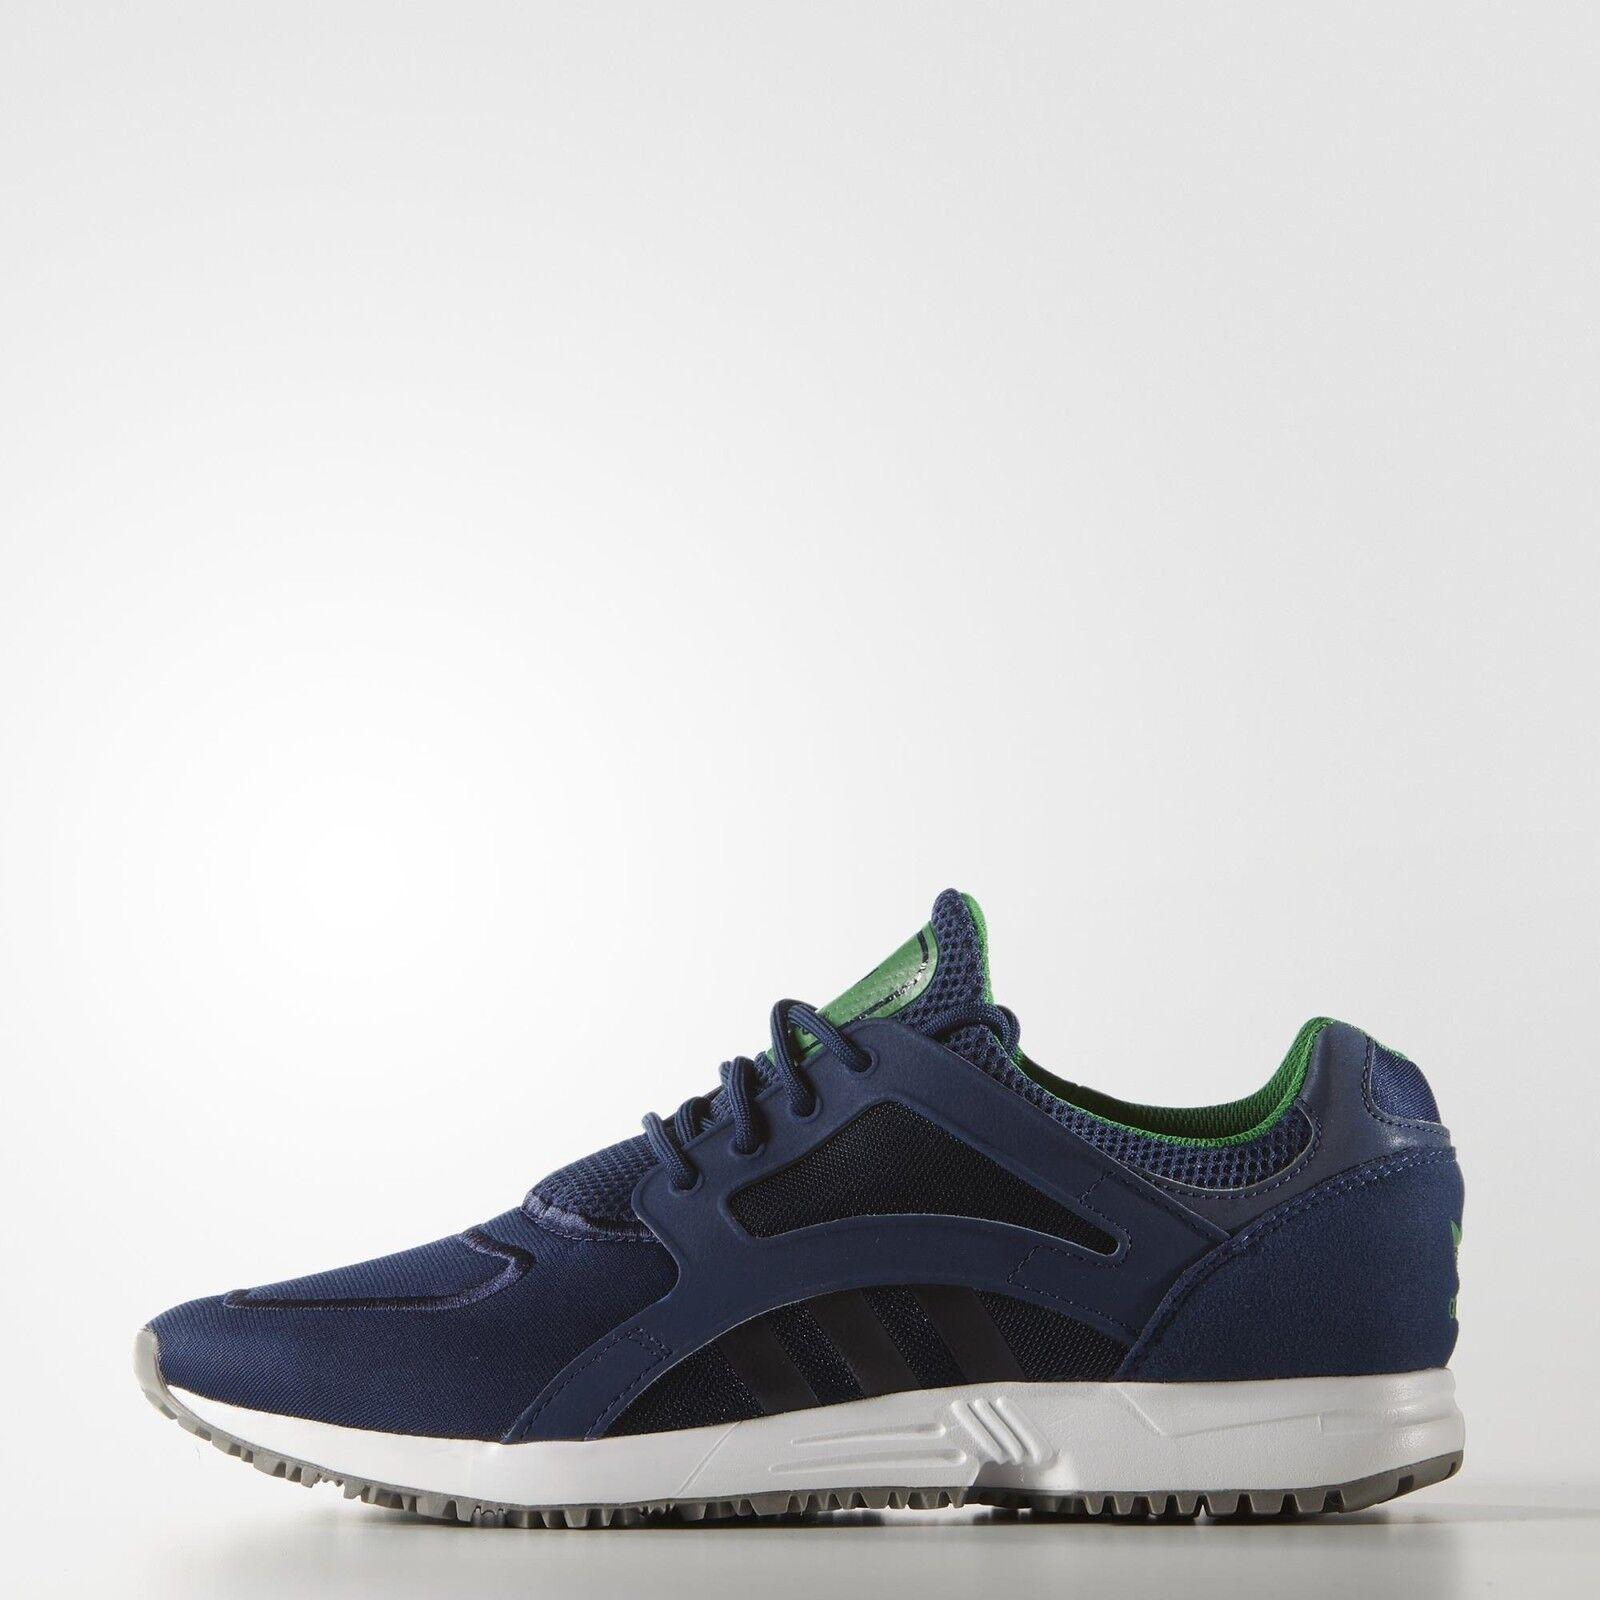 zapatillaS Zapatos  Zapatos RACER  hombre ADIDAS ORIGINALS RACER Zapatos LITE B24798 OXFBLU/Verde 4d8390